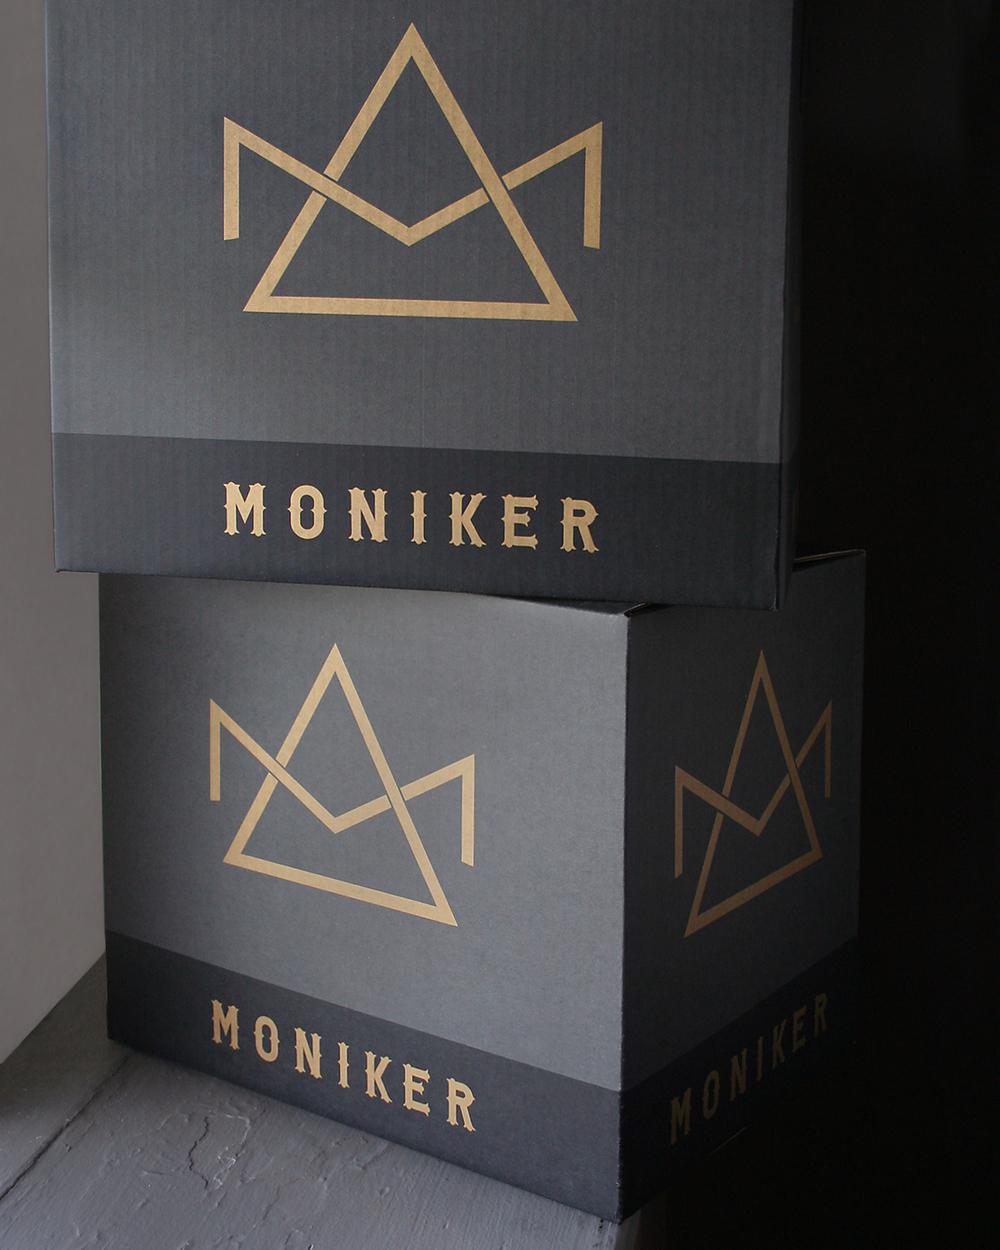 Moniker-Shipper_8x10_w1.jpg